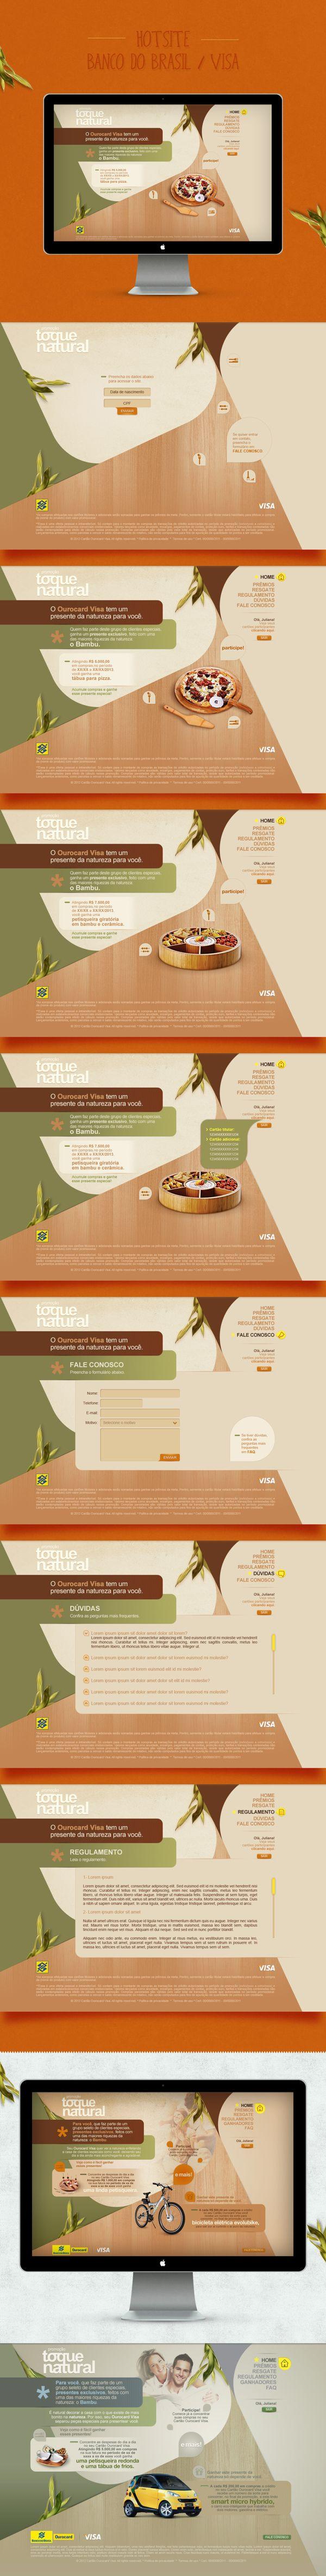 - promotion banco do brasil / visa - by Juliana Laterza, via Behance